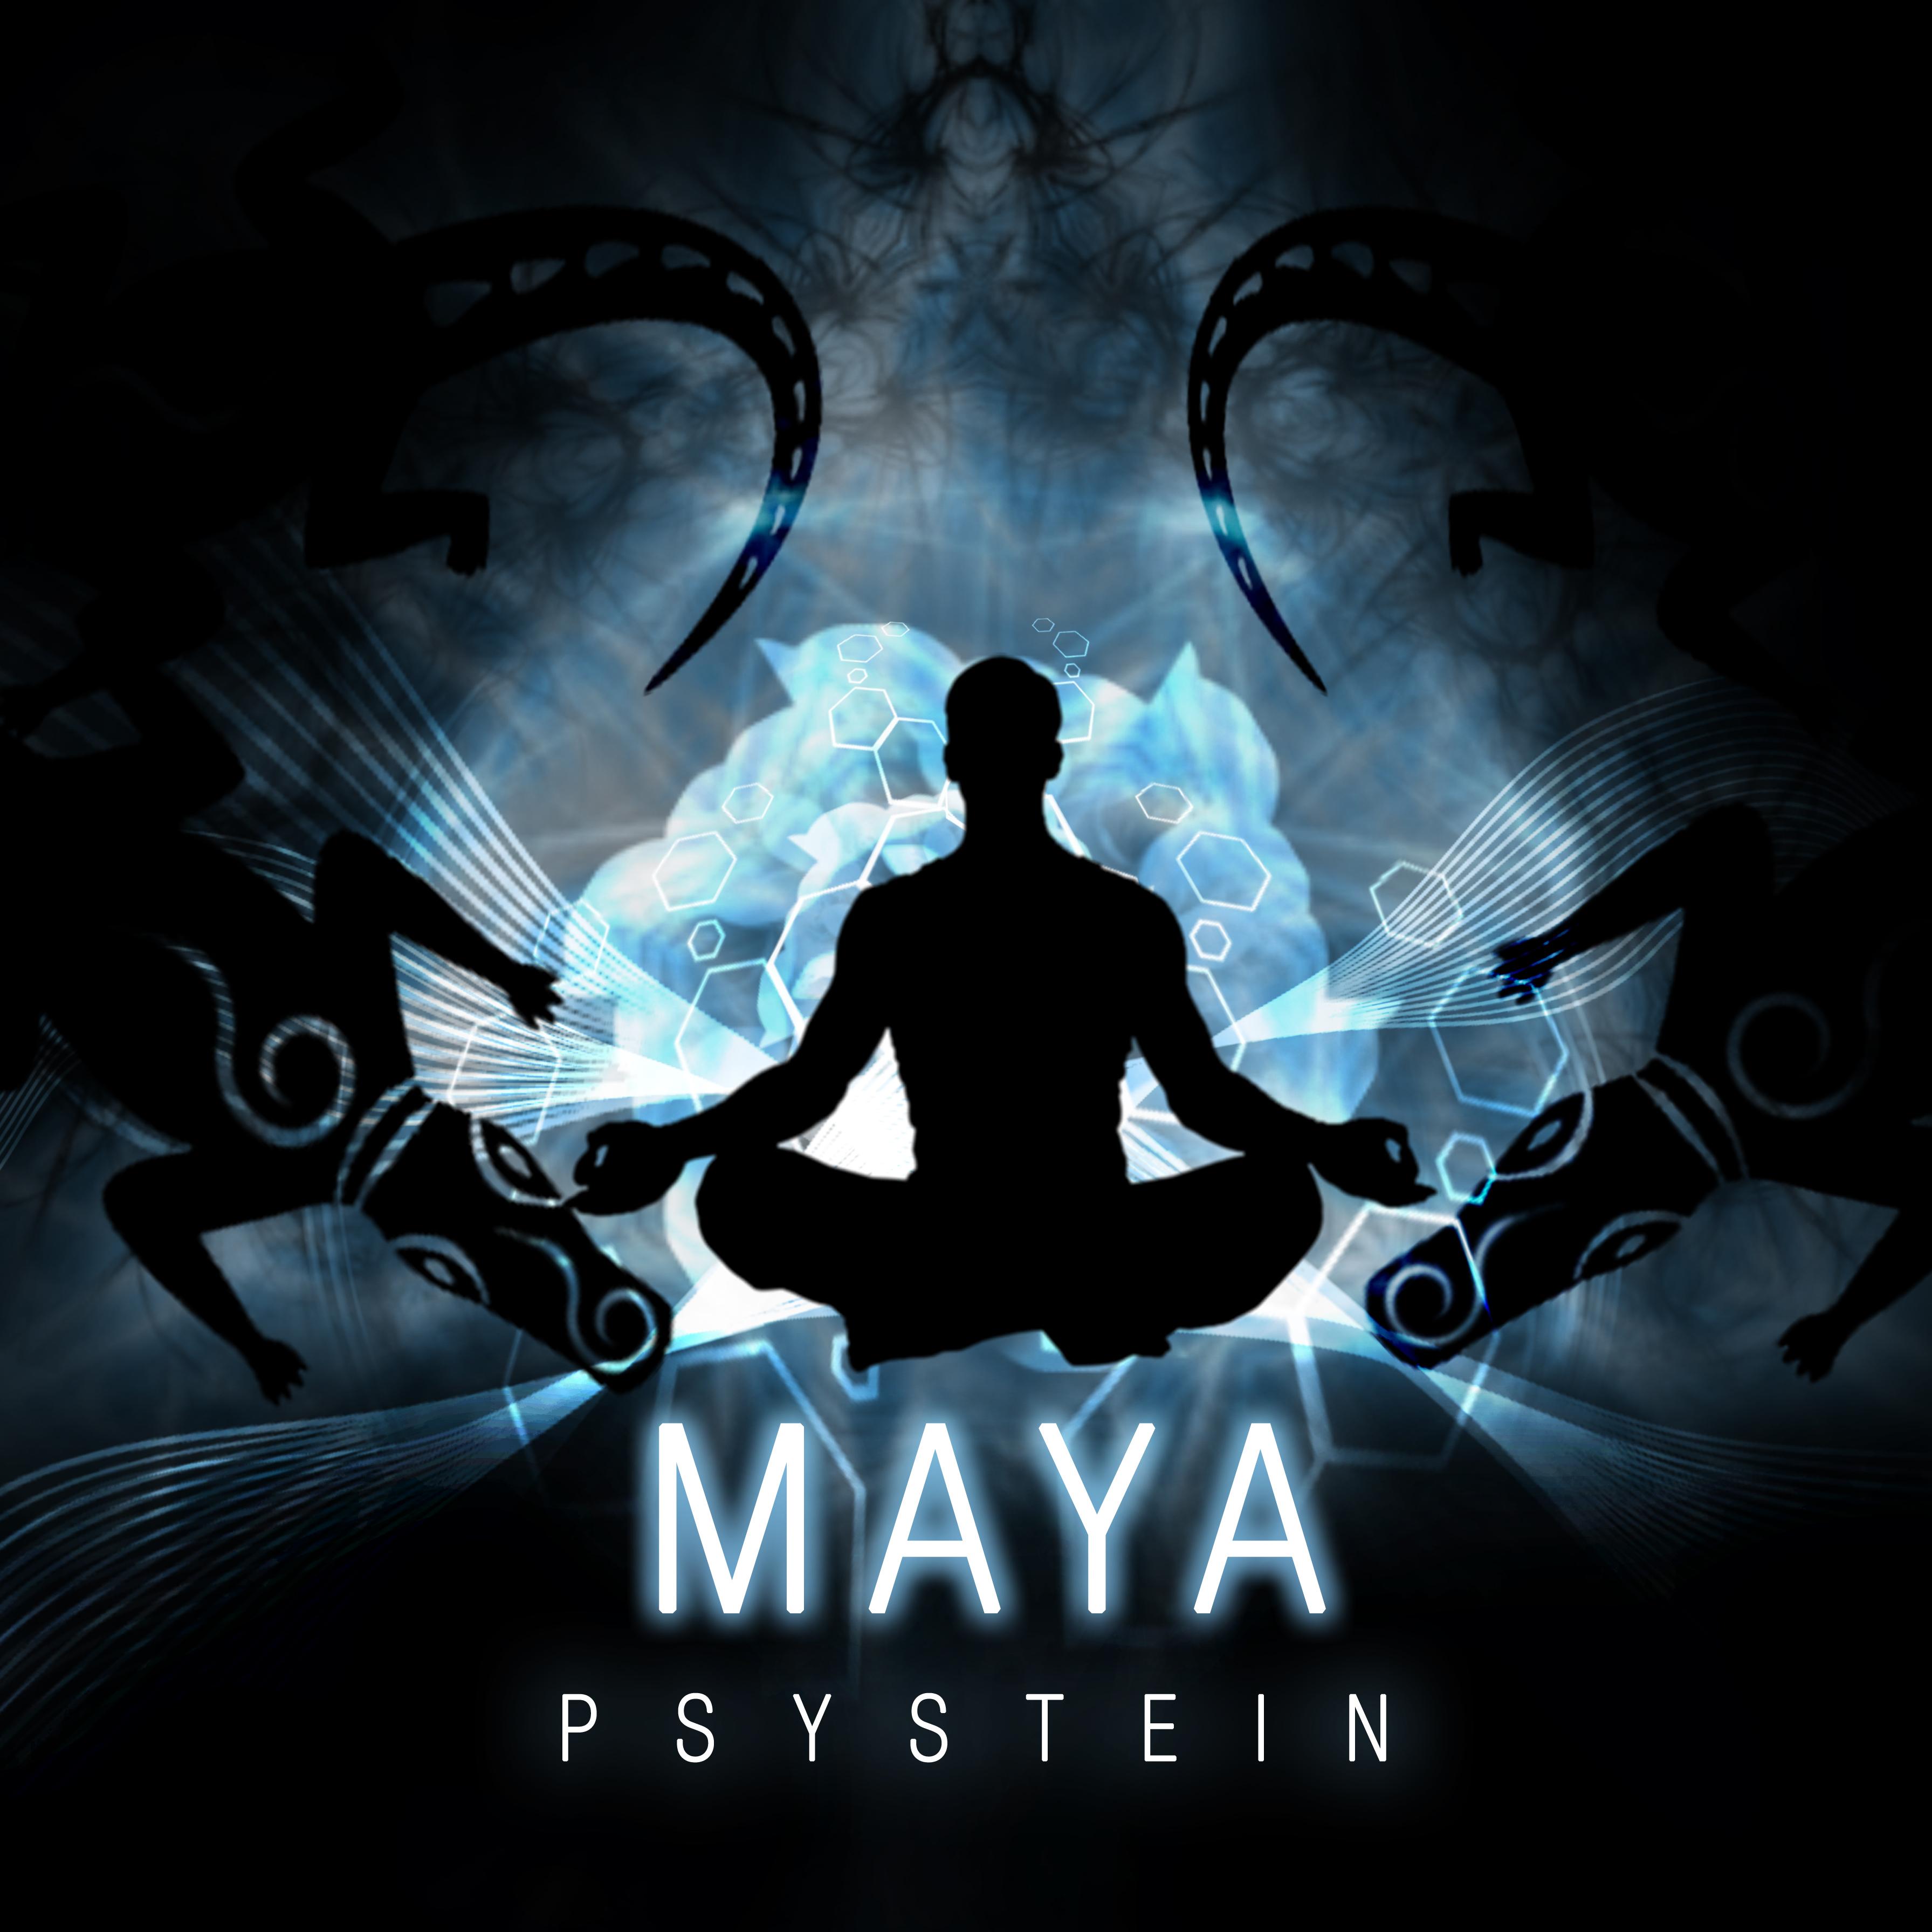 Psystein - Maya